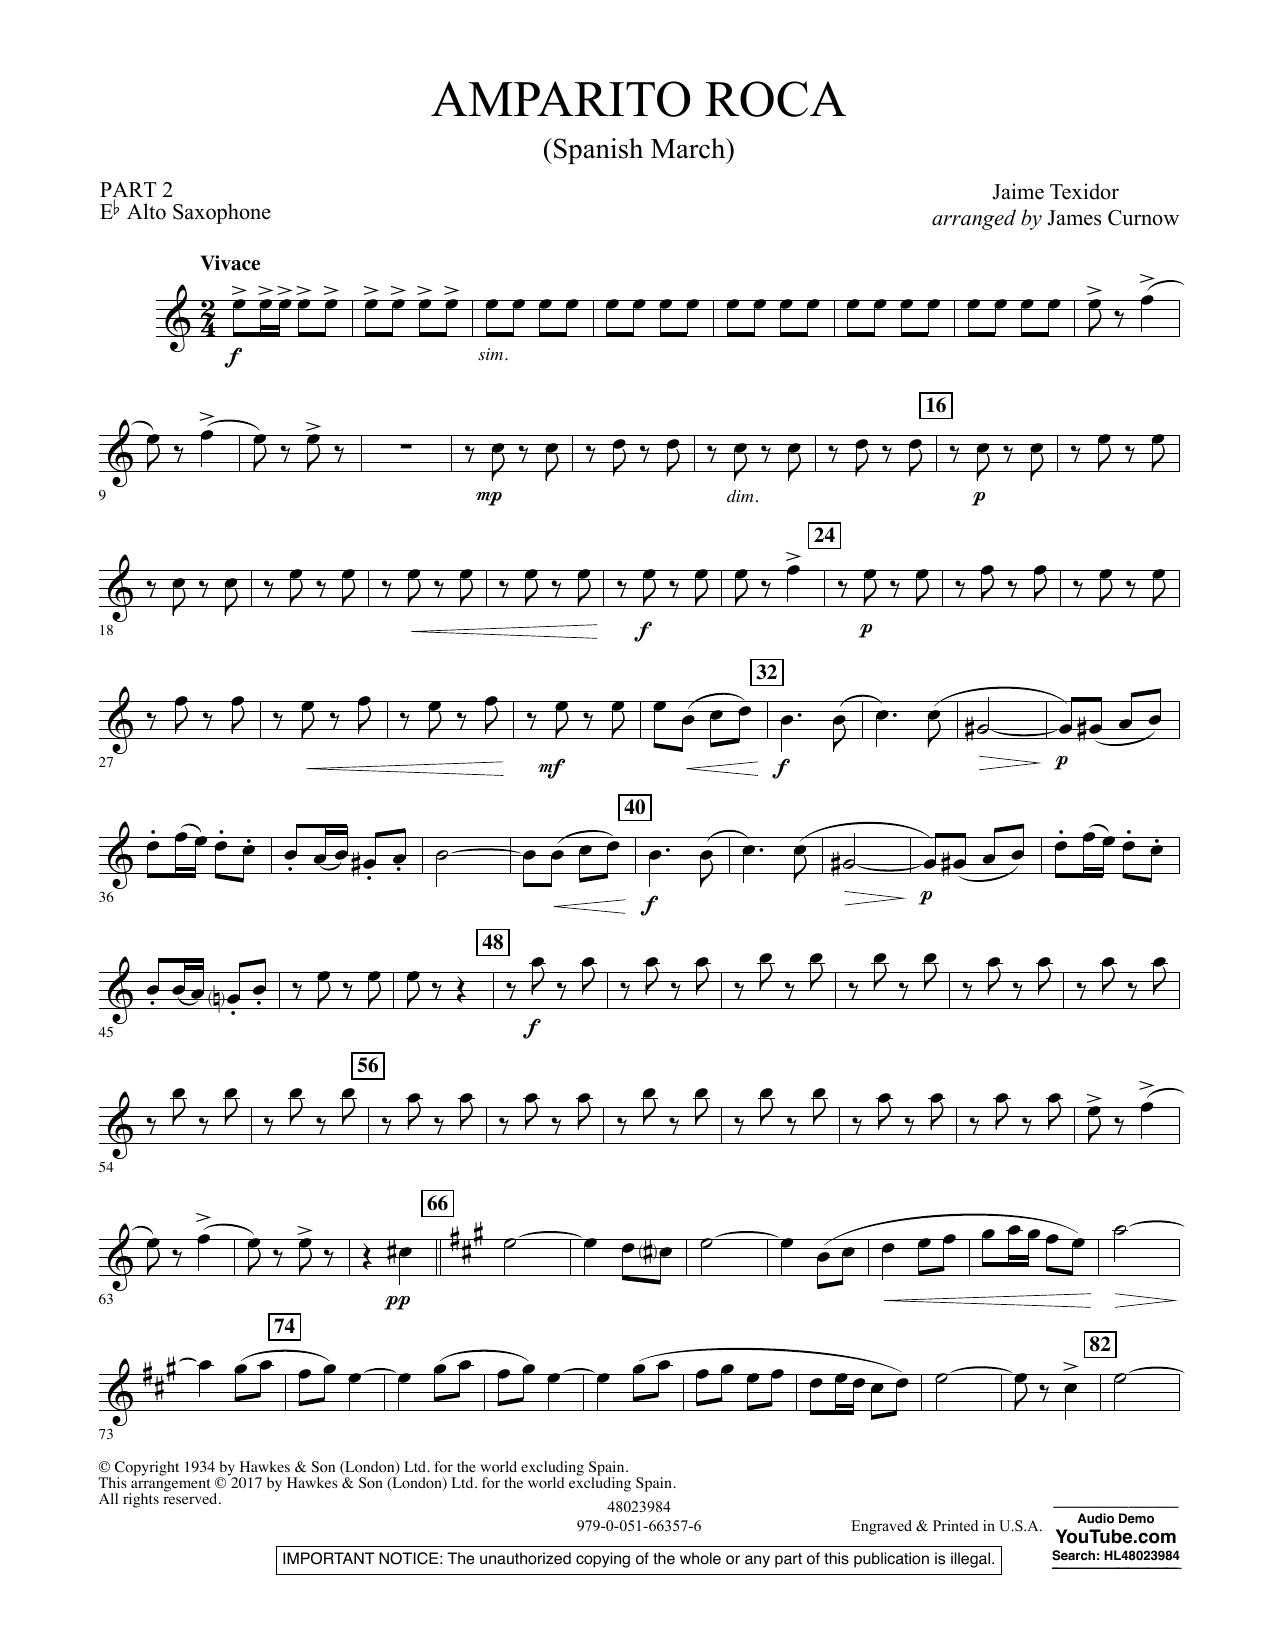 Jaime Texidor - Amparito Roca (Spanish March) - Pt.2 - Eb Alto Saxophone